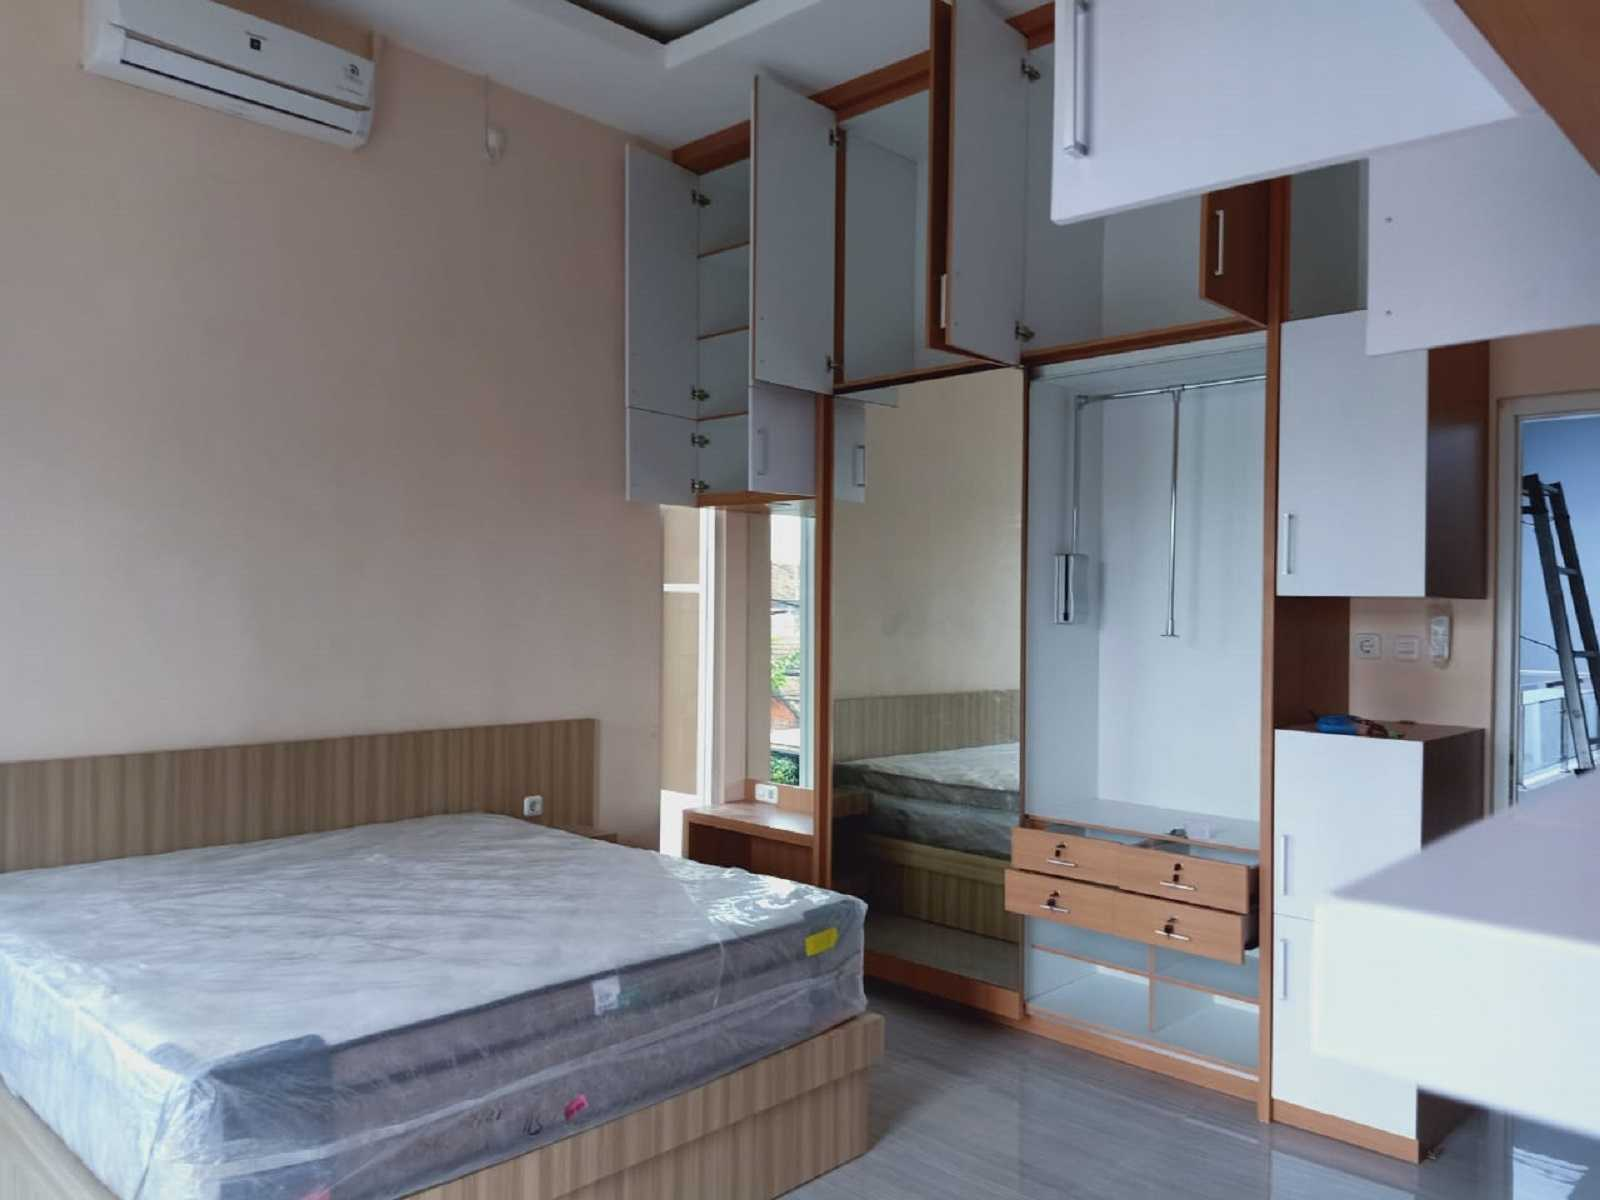 Metom Design Rumah Ibu Dian Y Malang, Kota Malang, Jawa Timur, Indonesia Malang, Kota Malang, Jawa Timur, Indonesia Metom-Design-Interior-Ibu-Dian-Y  98933